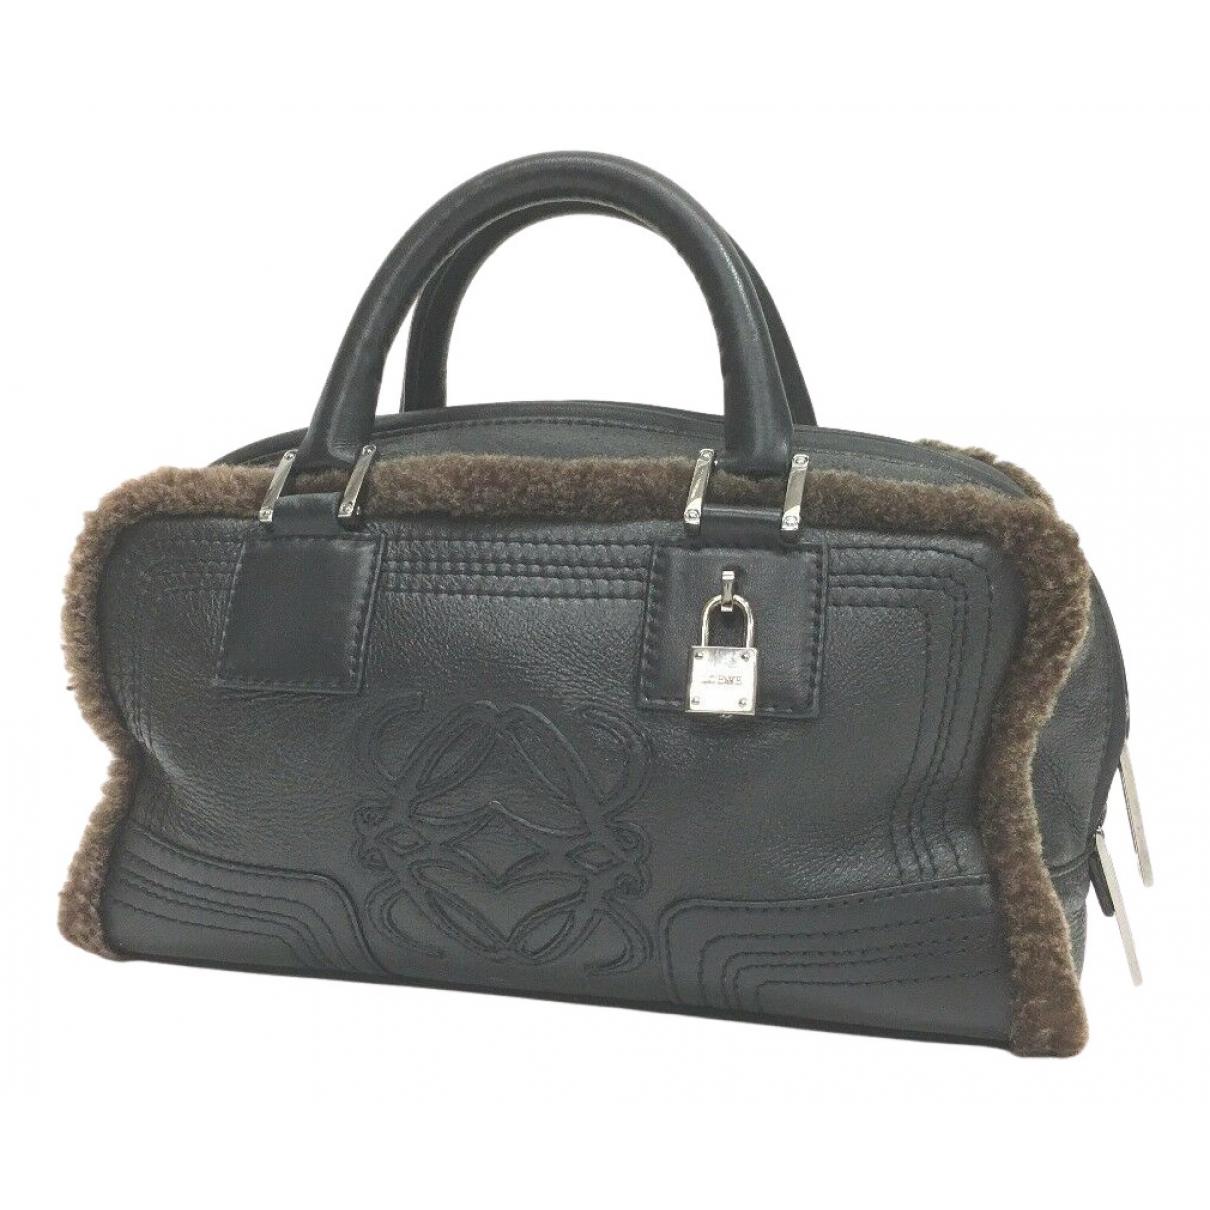 Loewe Amazona Black Leather handbag for Women N